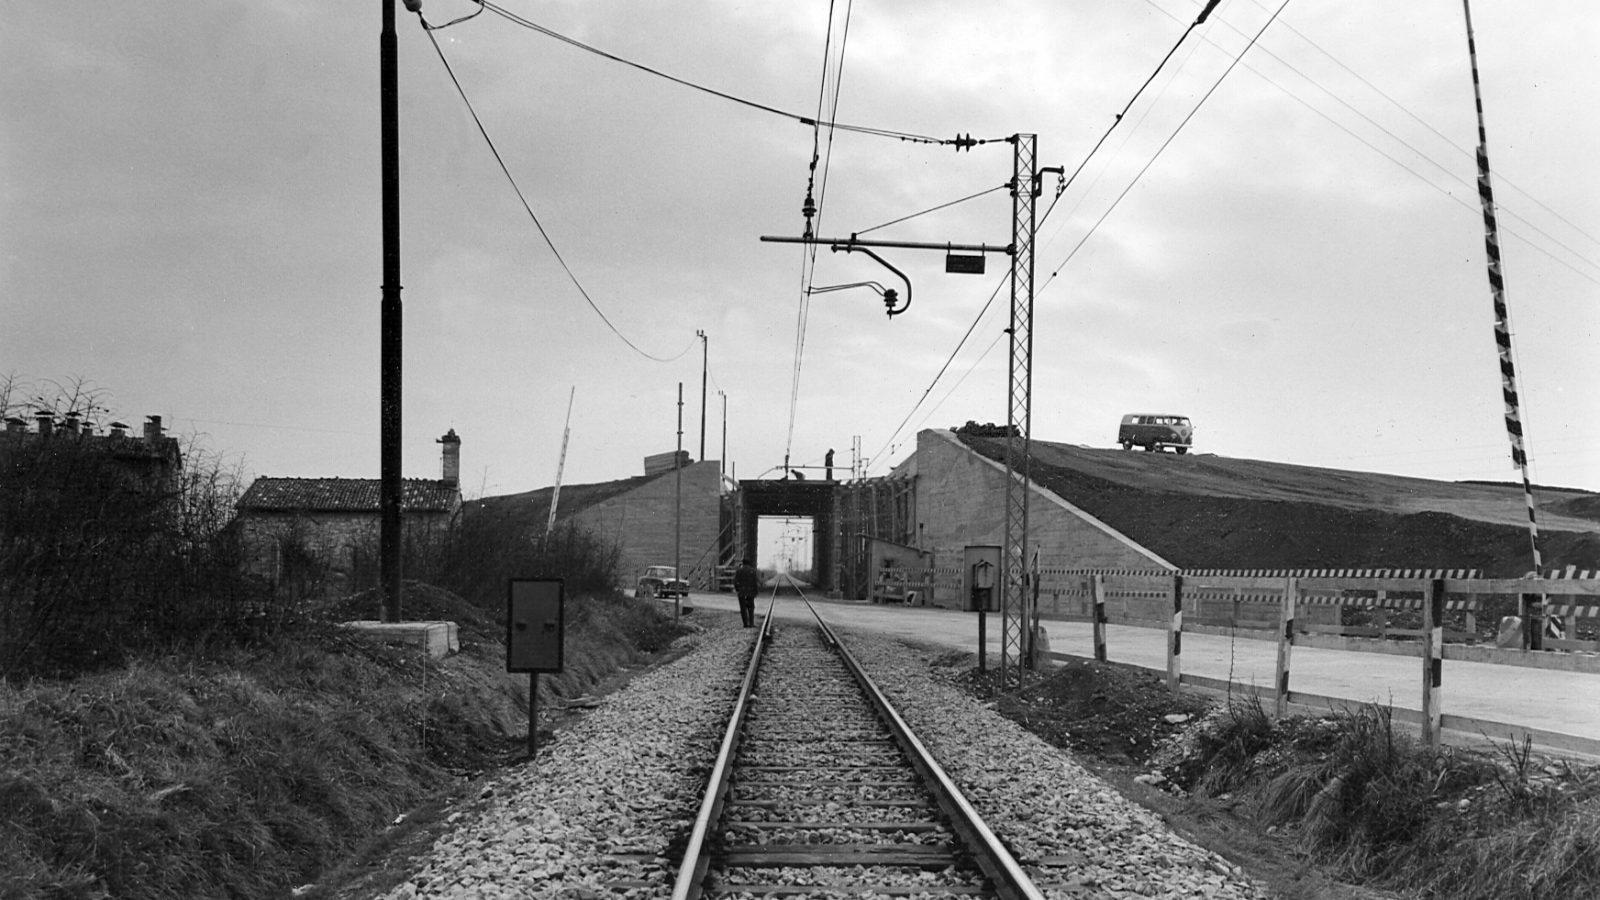 """SS75 """"Centrale Umbra"""" Santa Maria Degli Angeli, Assisi - Cavalcavia sulla ferrovia Foligno-Perugia, 1964 (Archivio storico Anas)"""